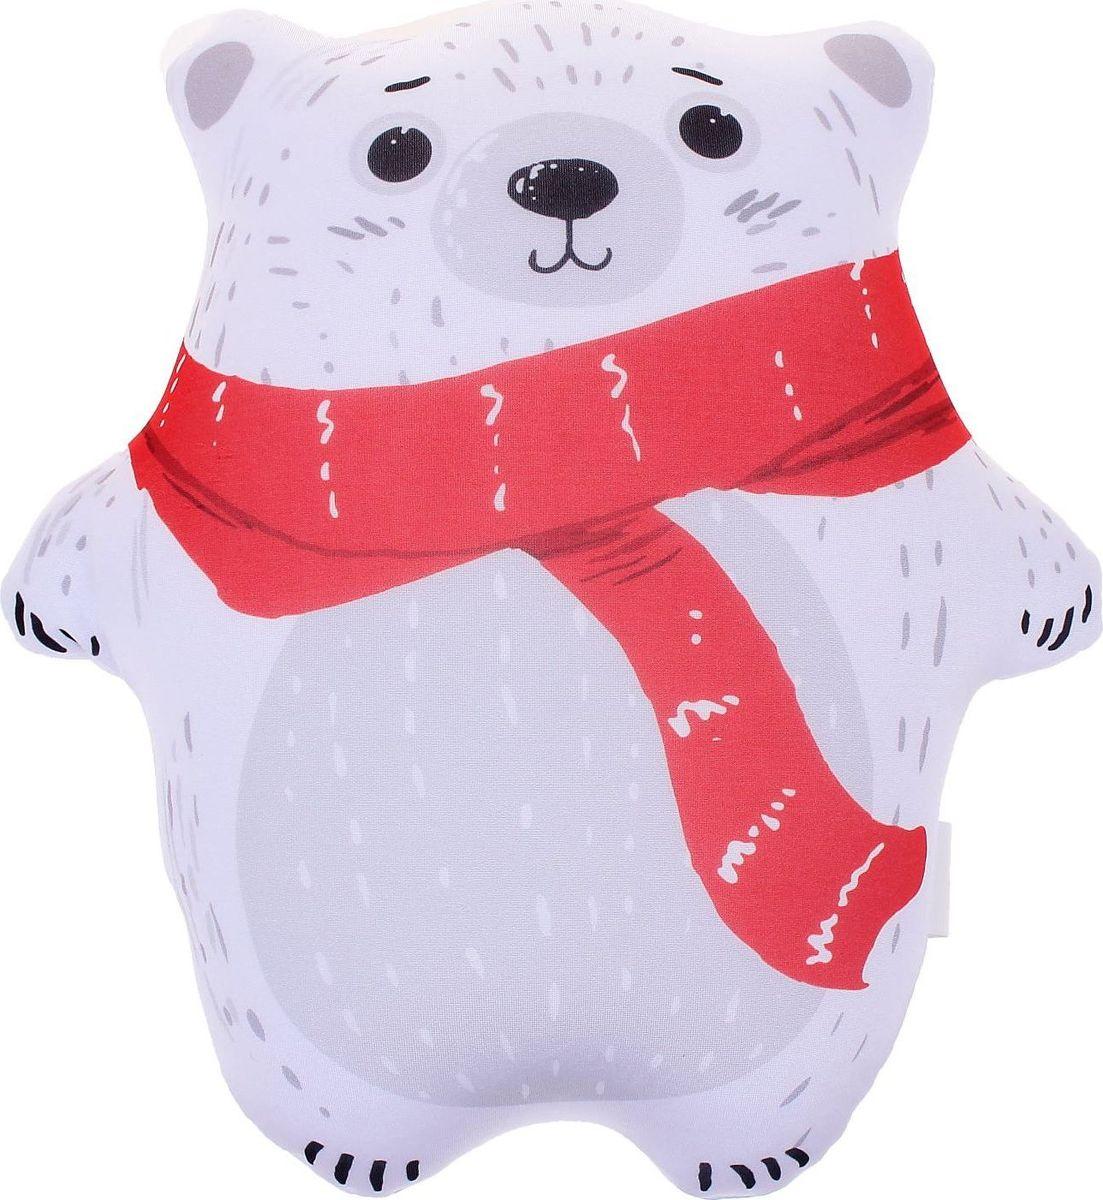 Sima-land Антистрессовая игрушка Мишка-топтыжка цвет белый кармашки на стену для бани sima land банные мелочи цвет белый 3 шт